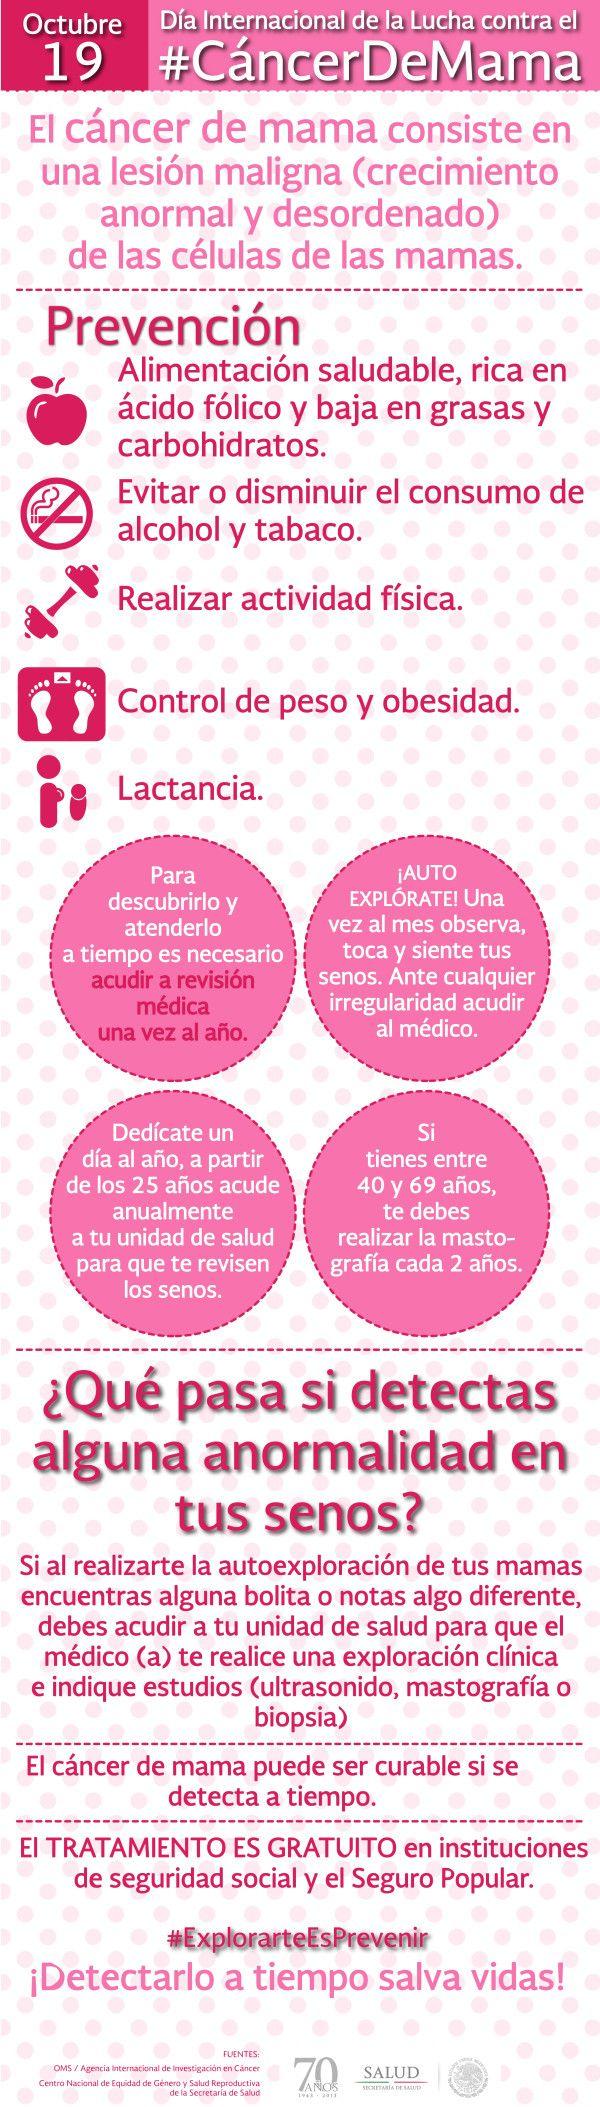 Día mundial contra el cáncer de mama, 19 de octubre